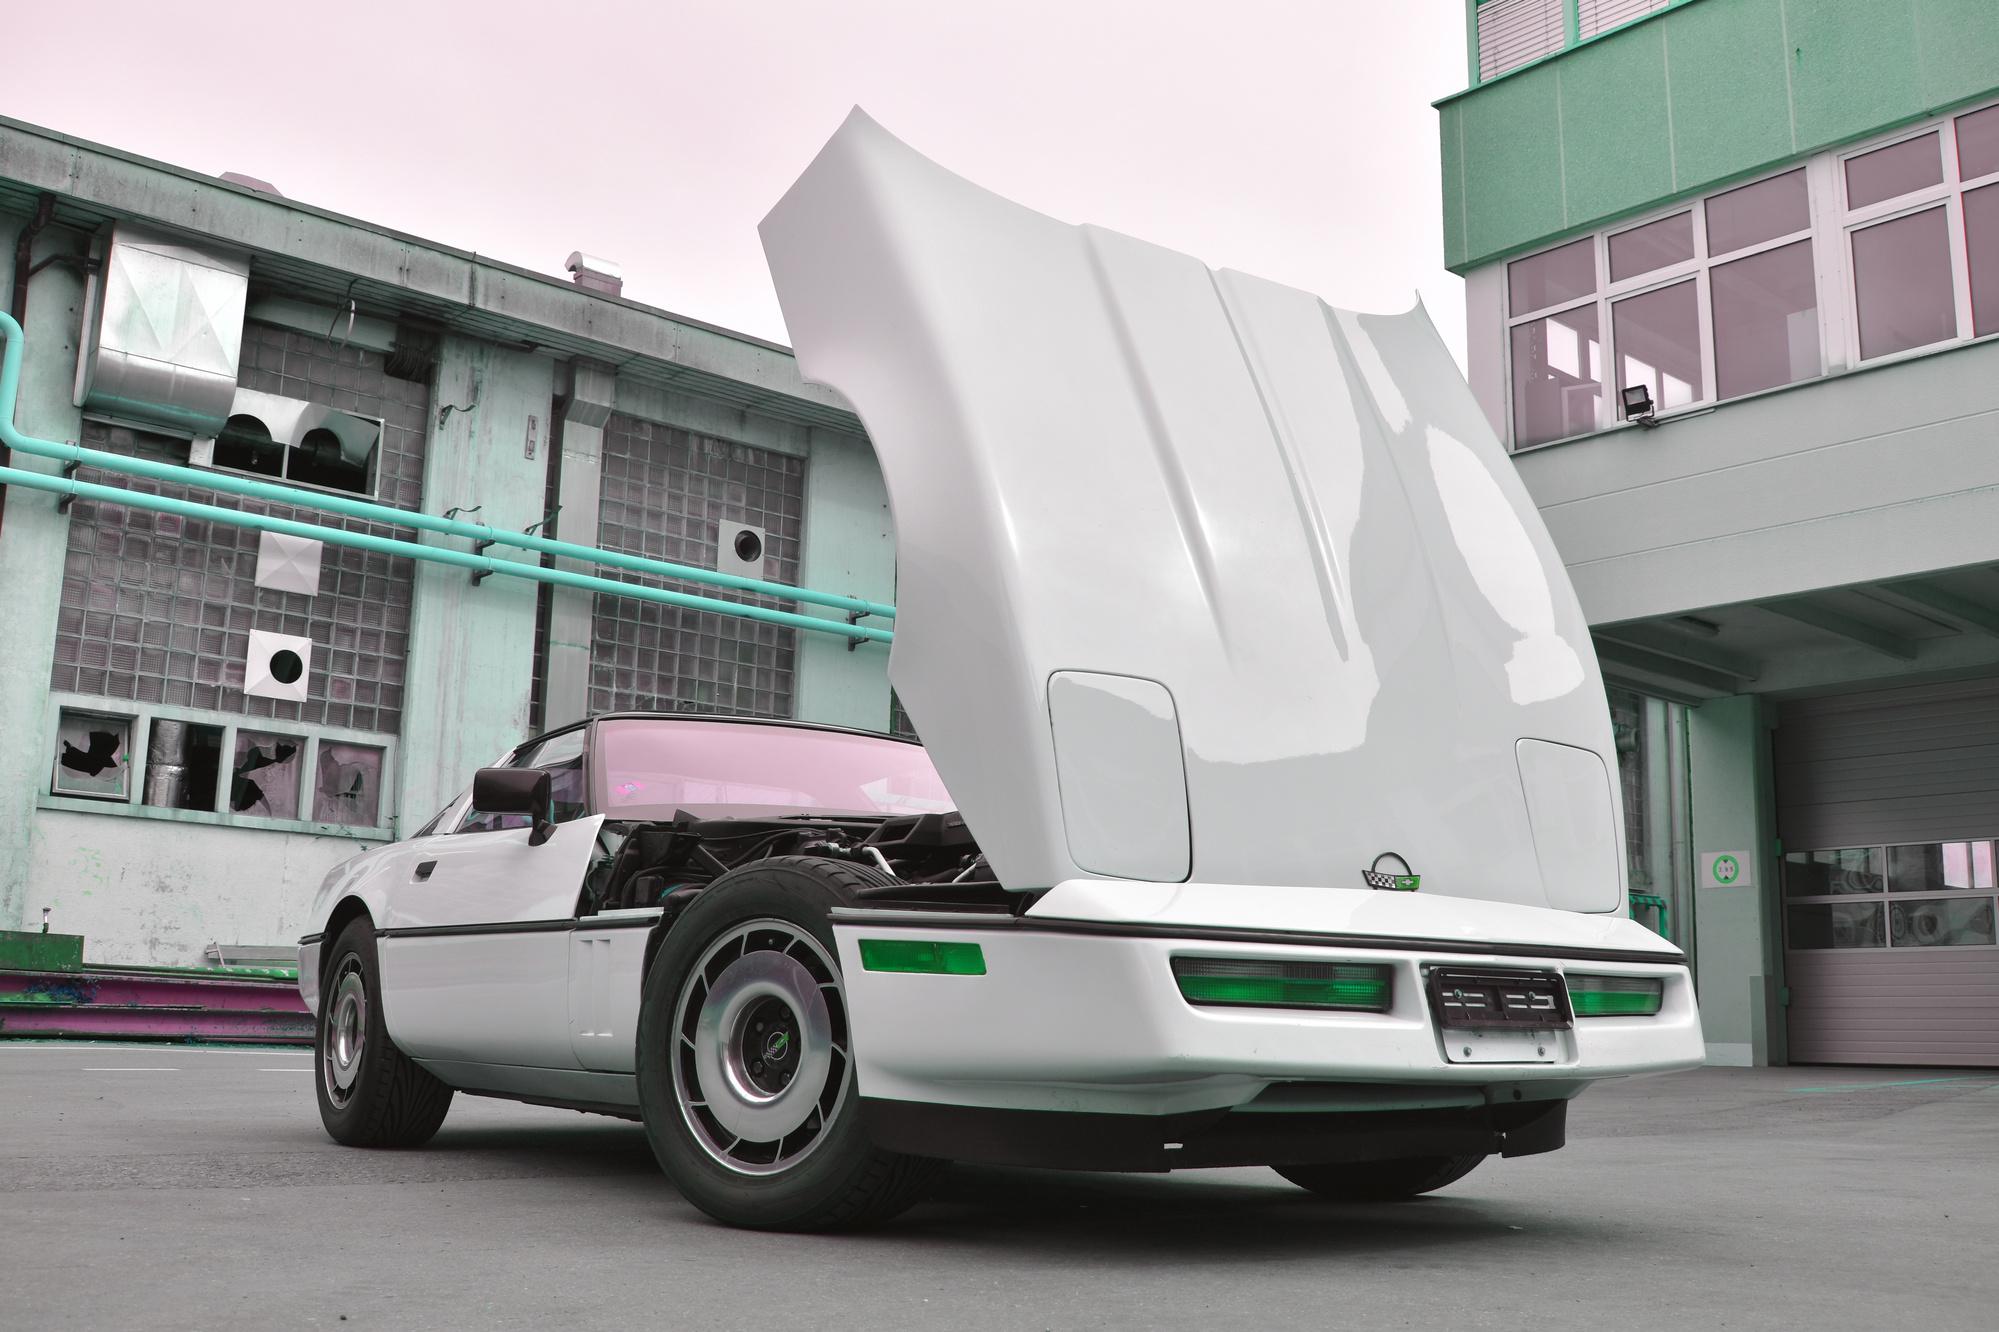 Weisse Chevrolet Corvette C4 Targa 350 cuin 5.7 Liter aus dem Jahre 1984 mit aufgeklappter Motorhaube